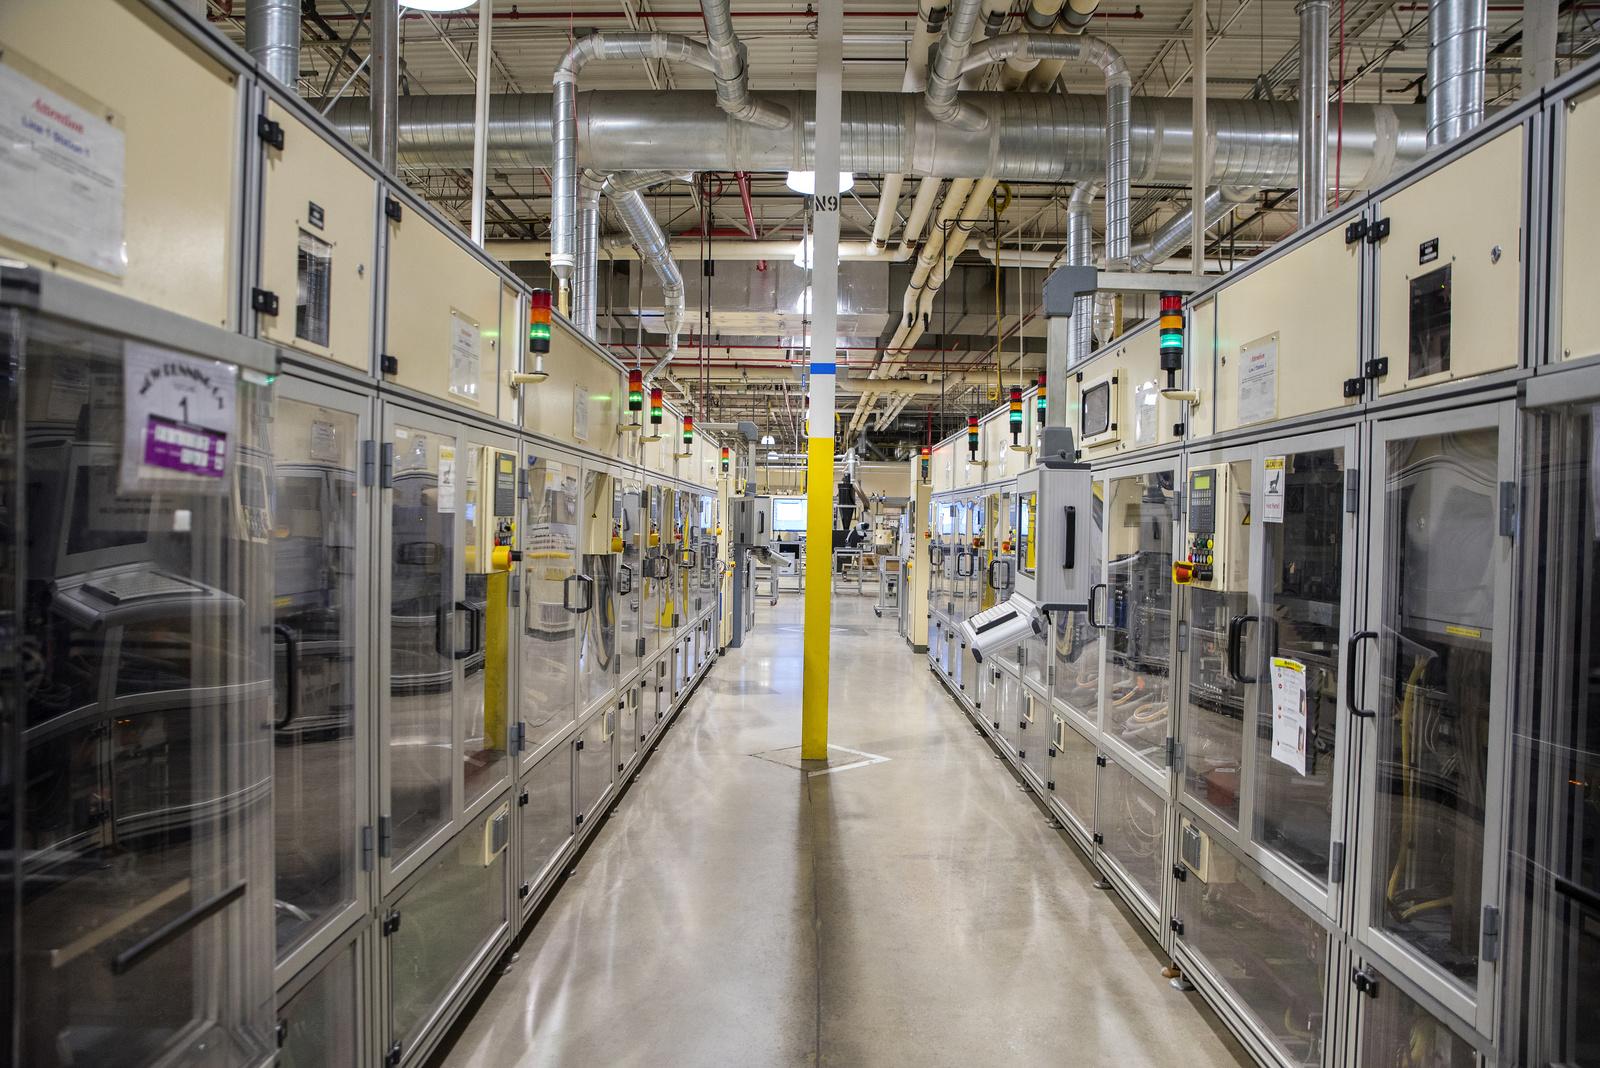 Industrie 4.0 im Werk Anderson, USA